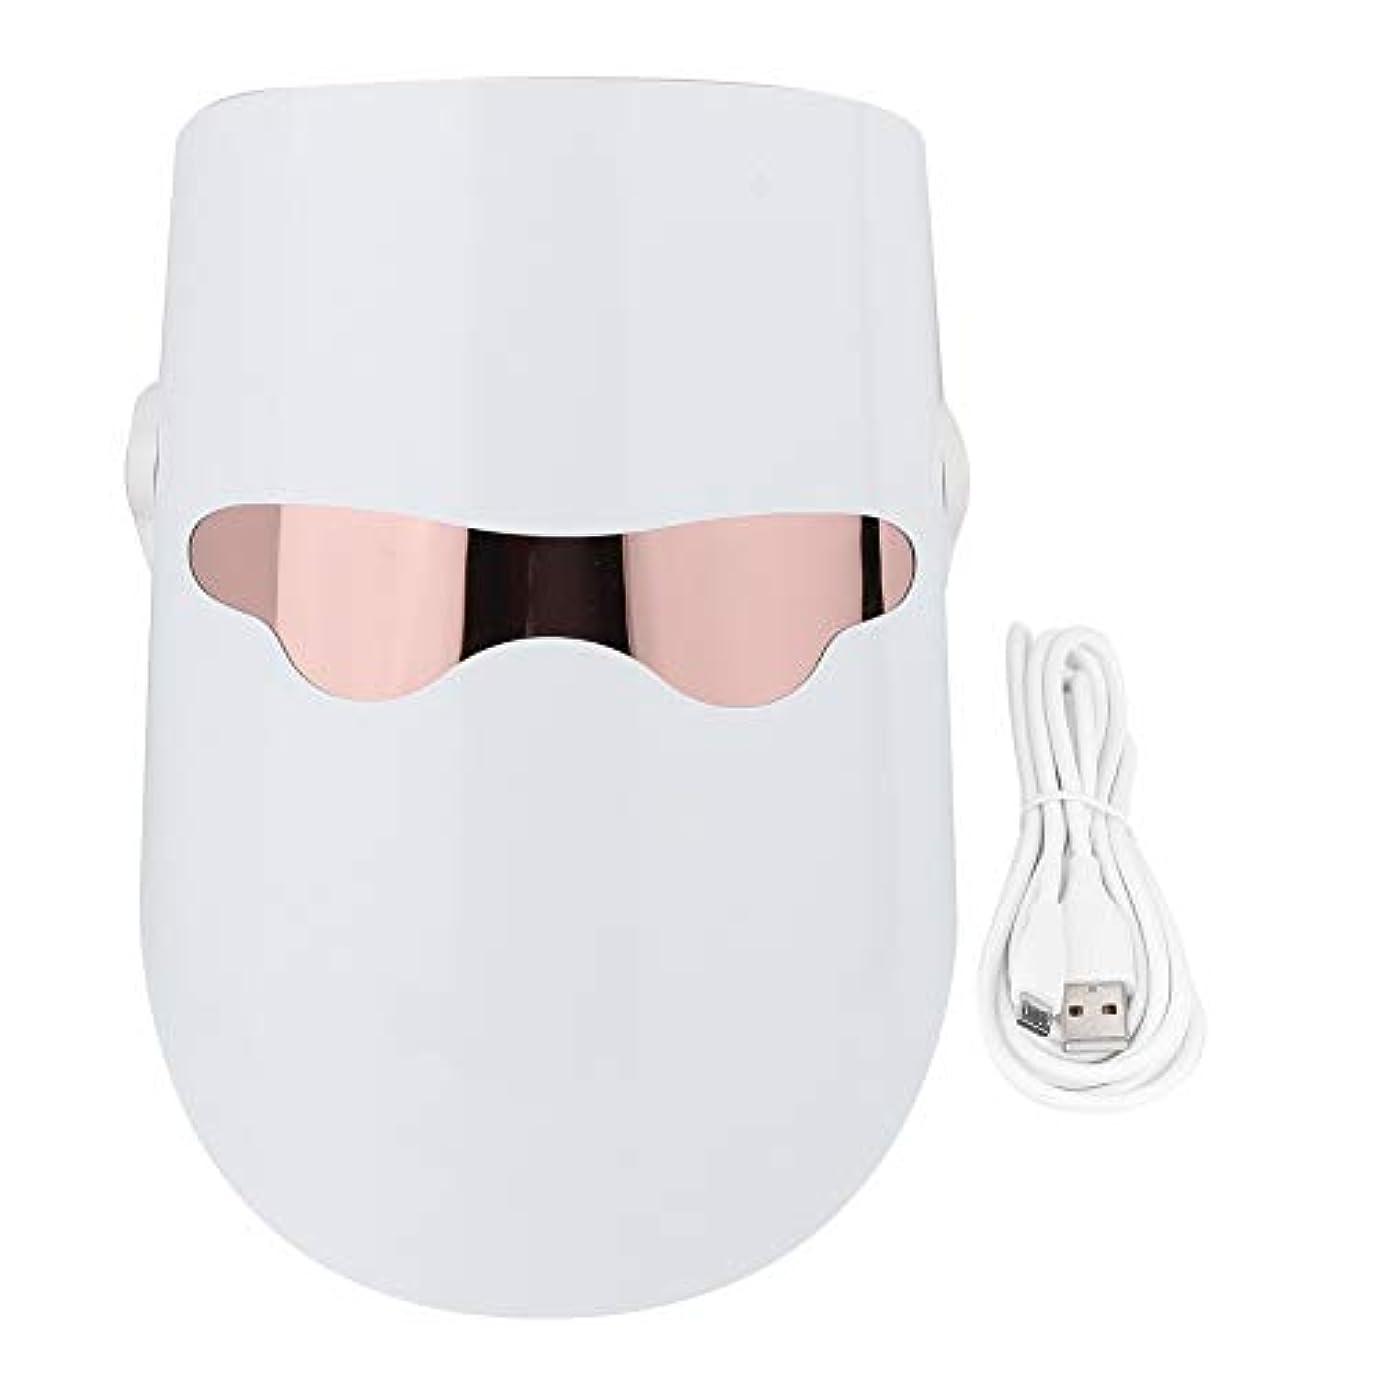 入学する性能ブロック3色フェイスマスクLEDフォトンフェイススキンケア保湿アンチエイジングタイトニングホワイトニング栄養吸収加熱肌若返り美容機